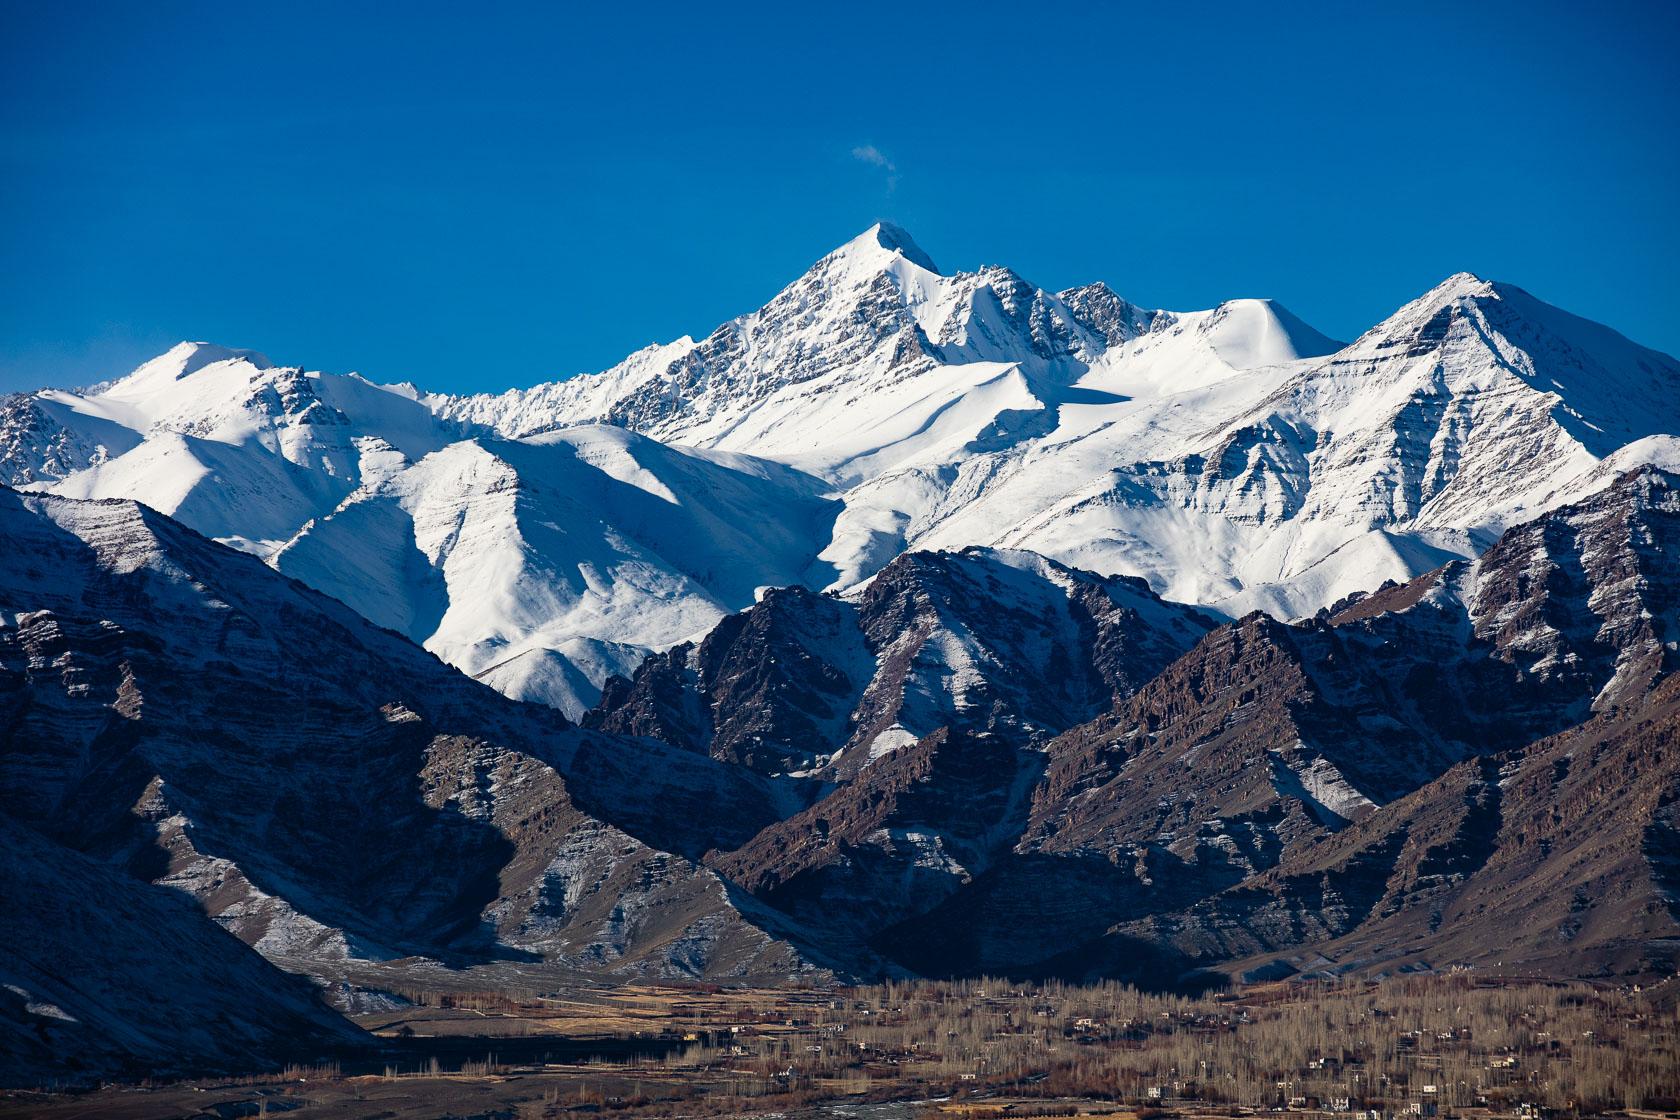 Stok Kangri, montagne de 6153m, au Ladakh dans l'Himalaya indien